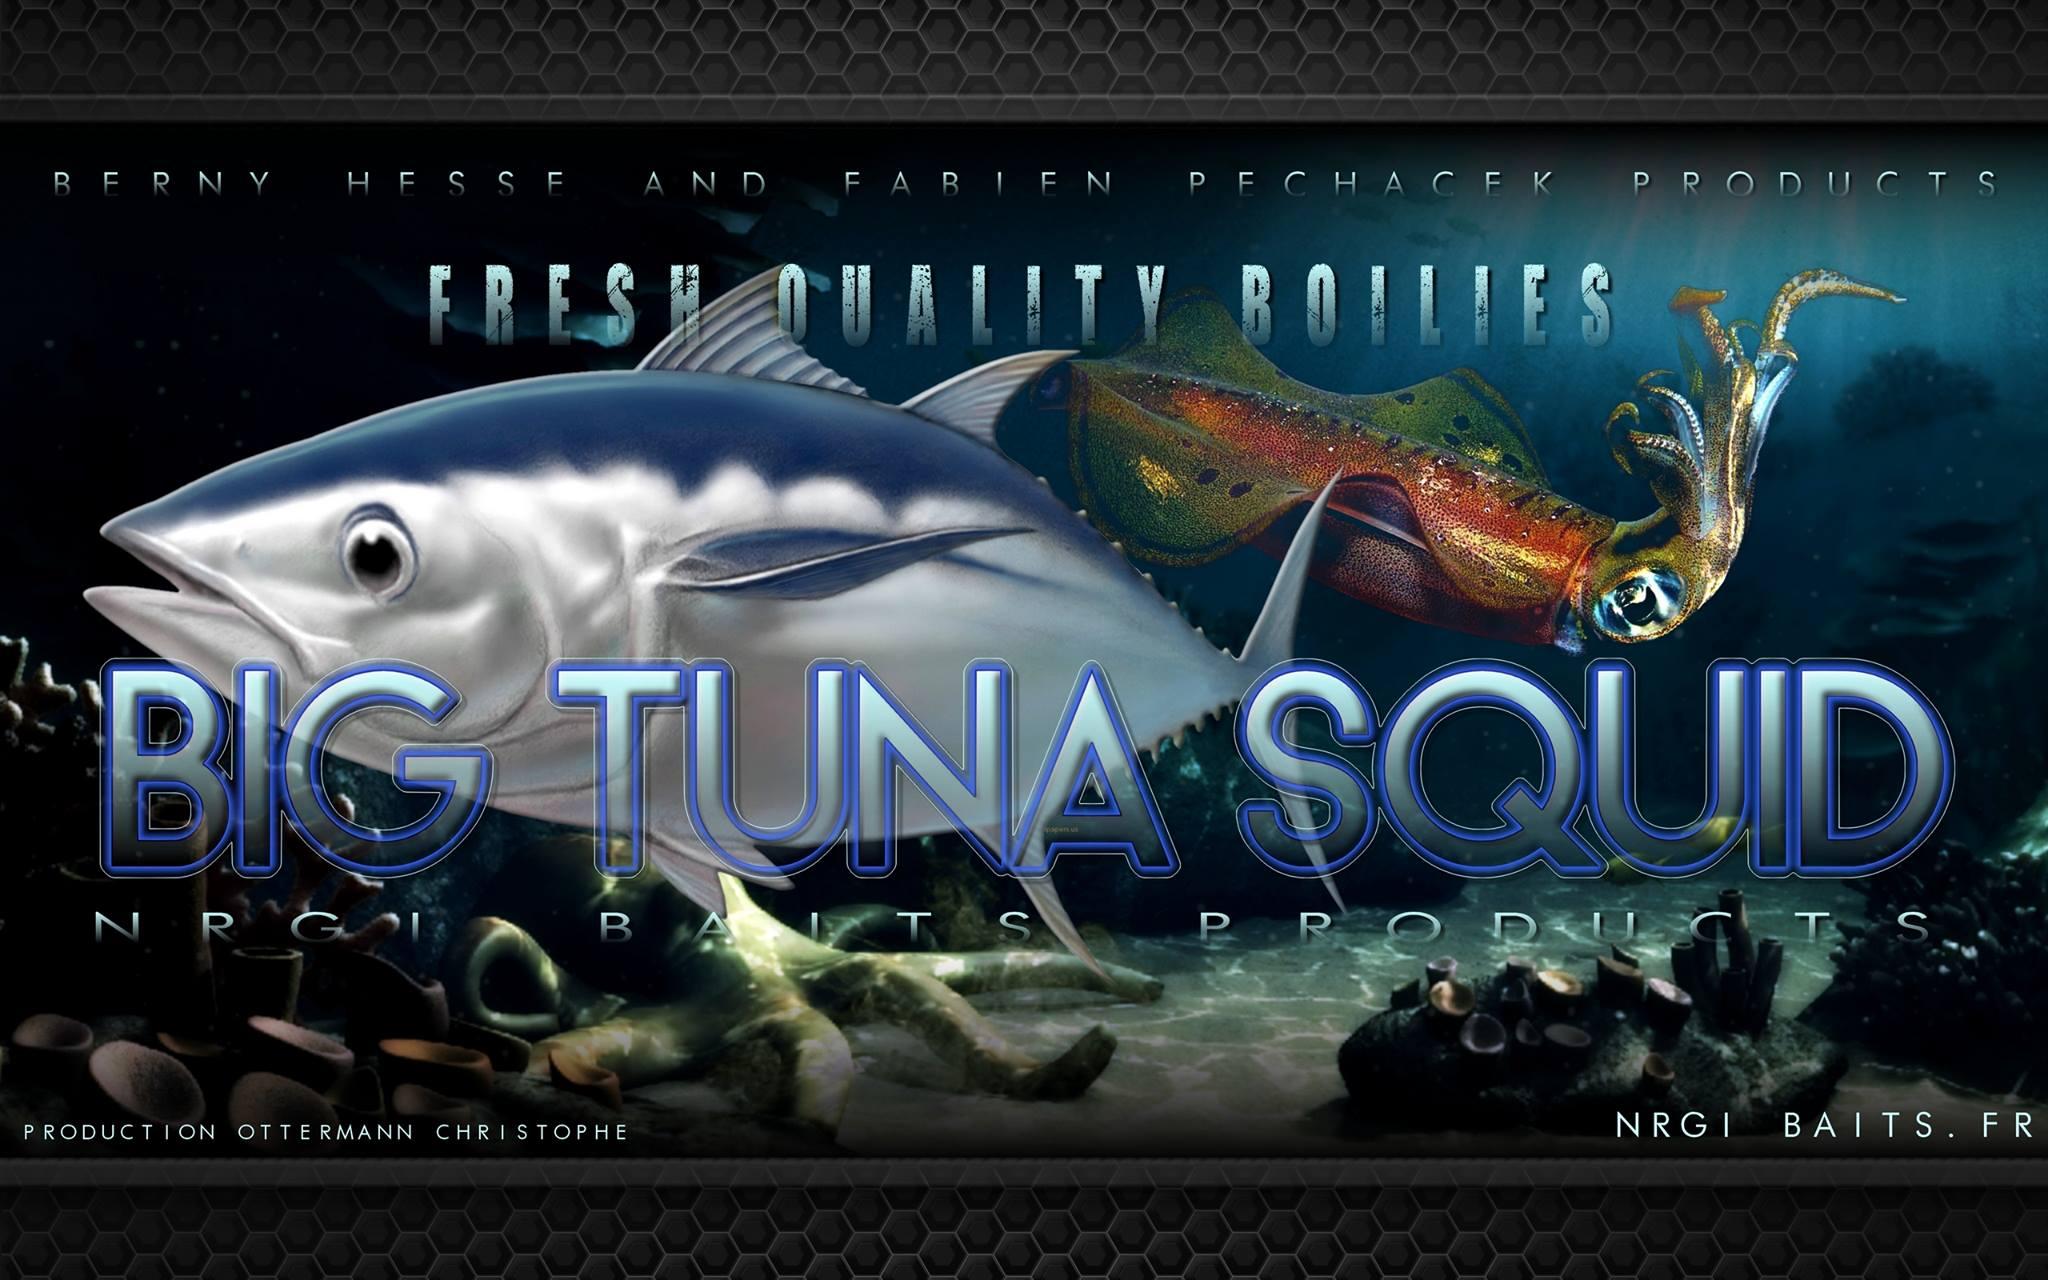 Gamme Tuna/Squid- sur commande uniquement- dispo sous 7 jours après commande